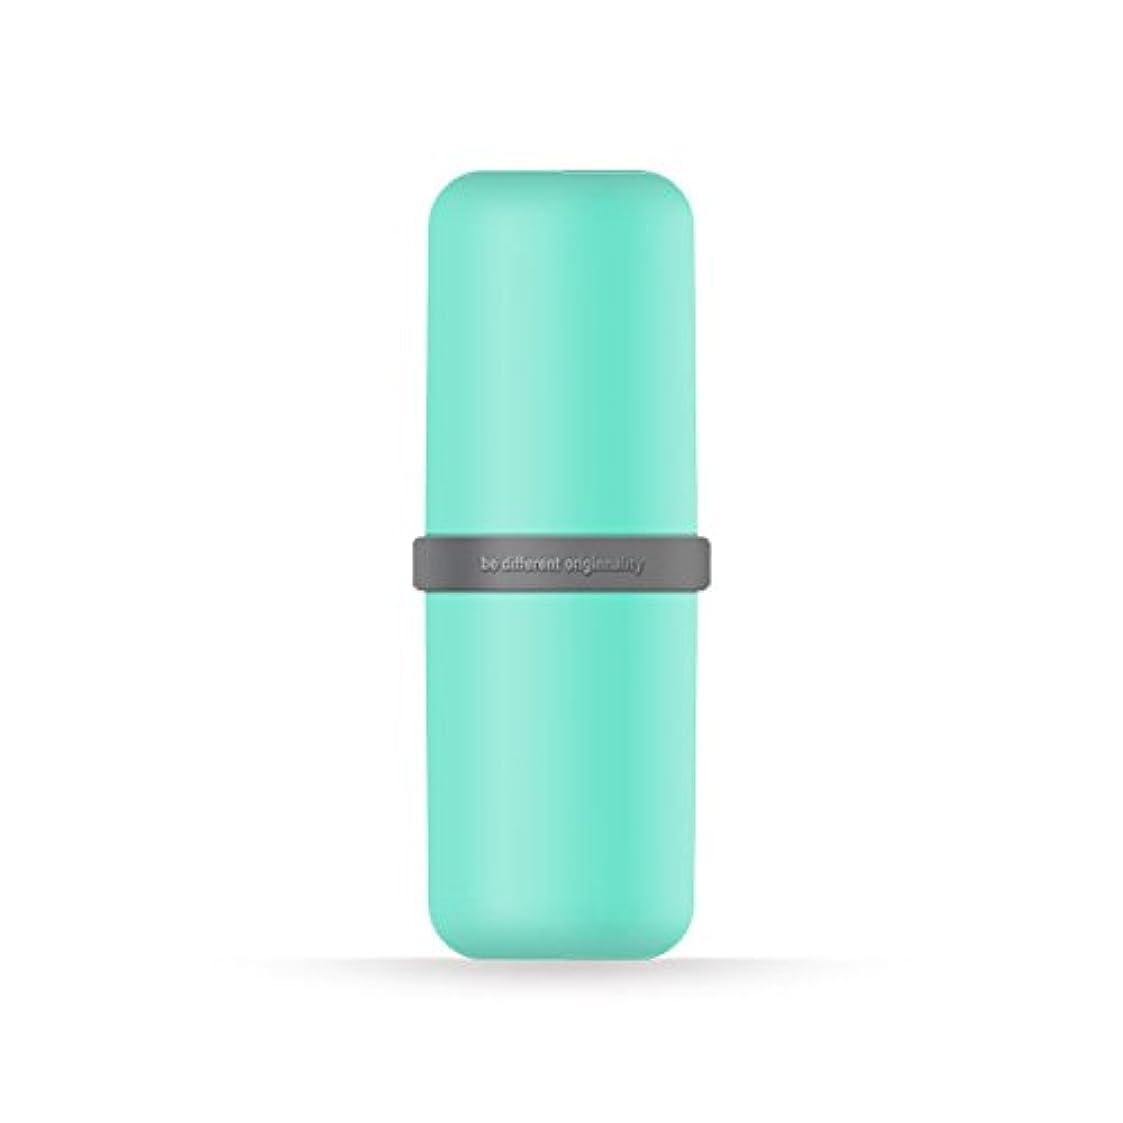 左キルト怠なポータブル歯ブラシWashカップ歯磨き粉ボックス便利旅行歯ブラシ歯磨き粉オーガナイザー 6*20cm グリーン